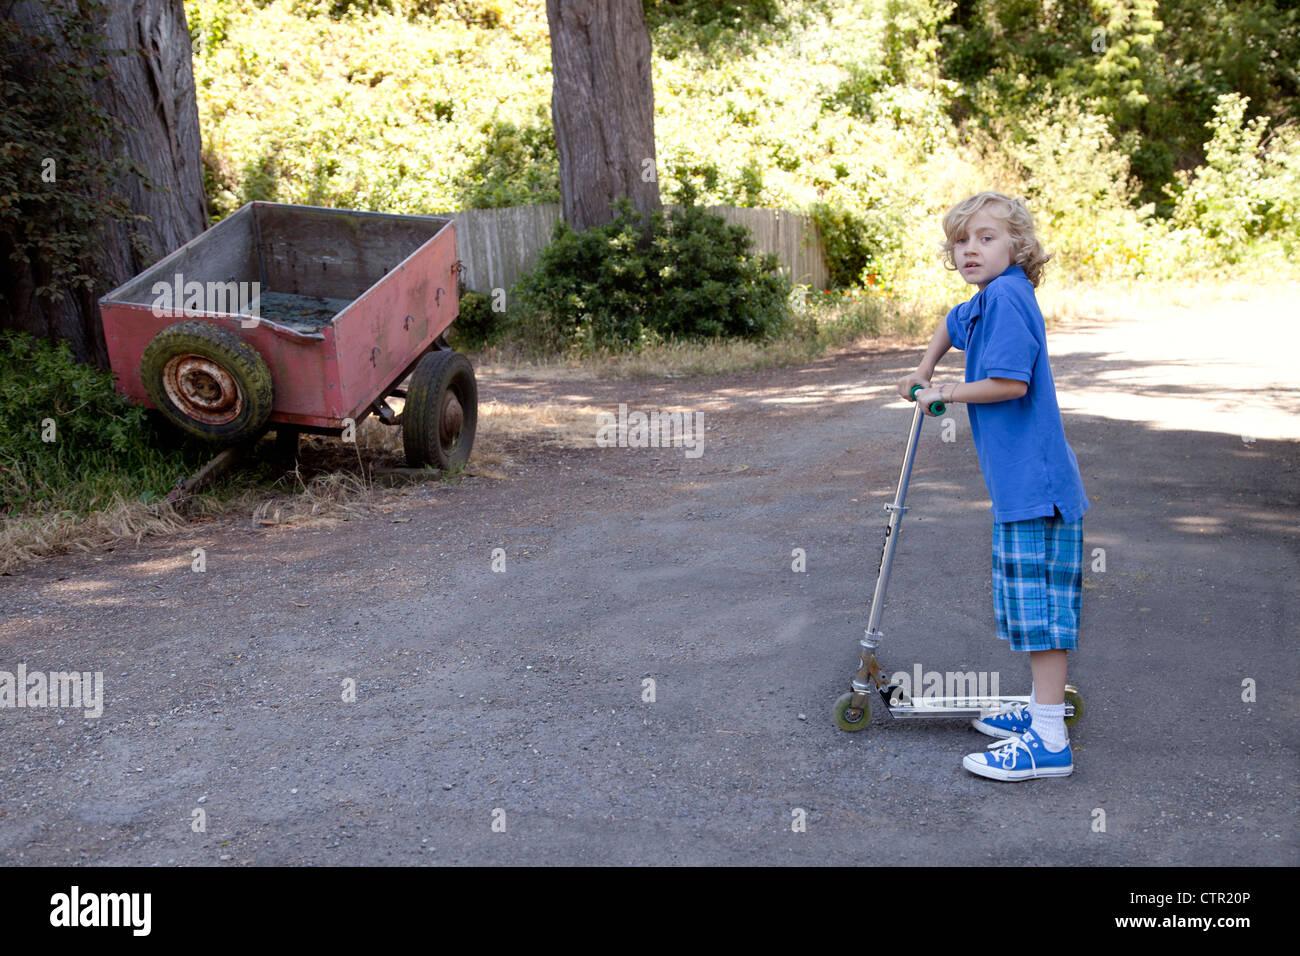 Ragazzo fuori a giocare sul suo scooter. Immagini Stock